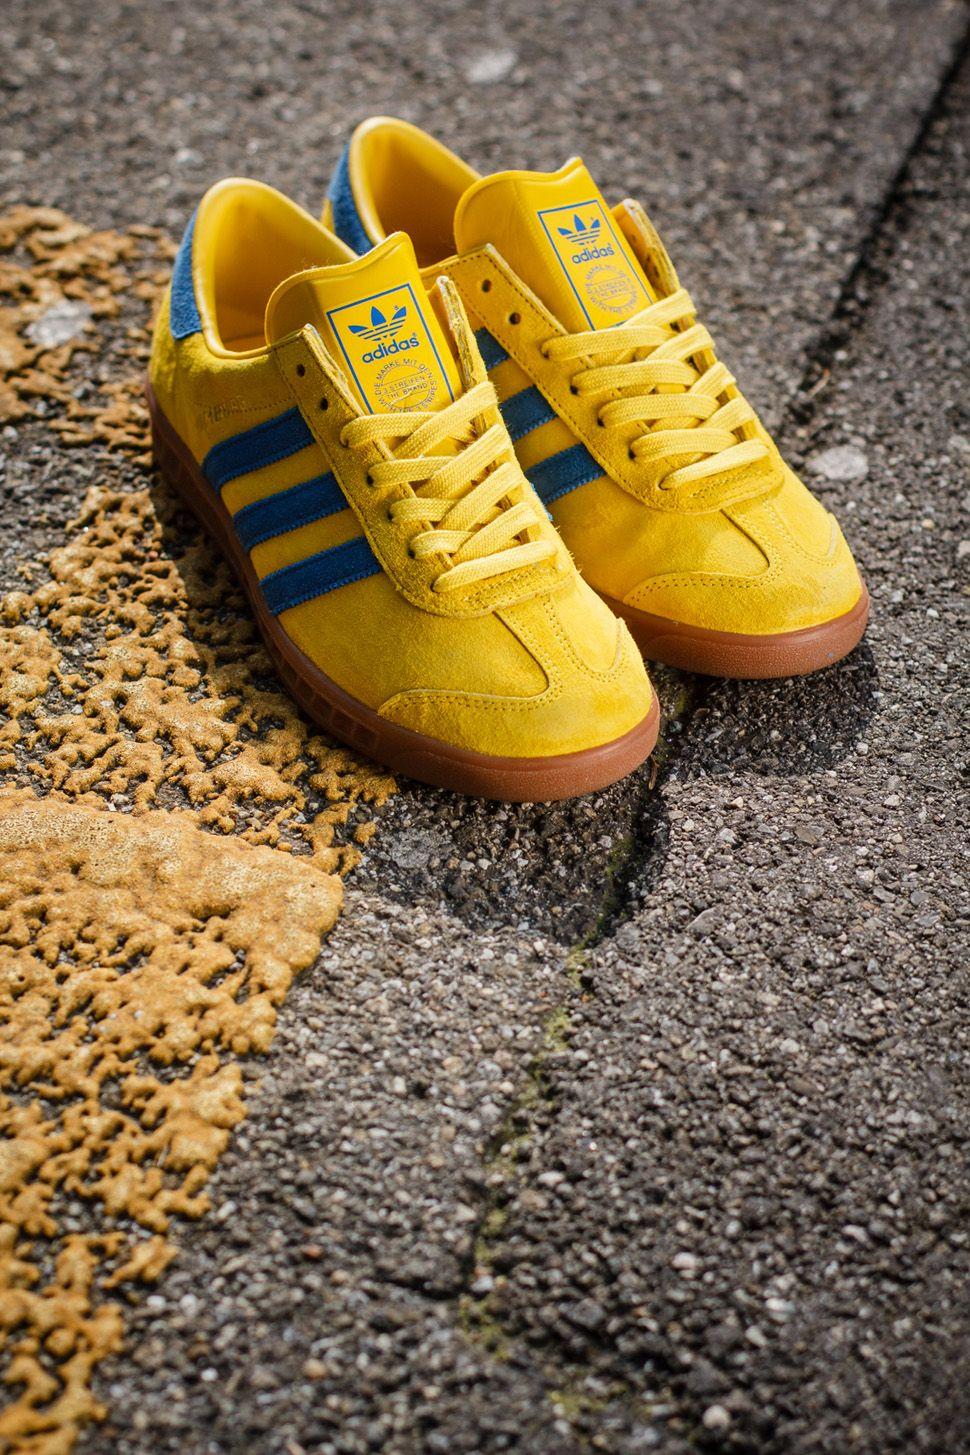 adidas hamburg homme jaune